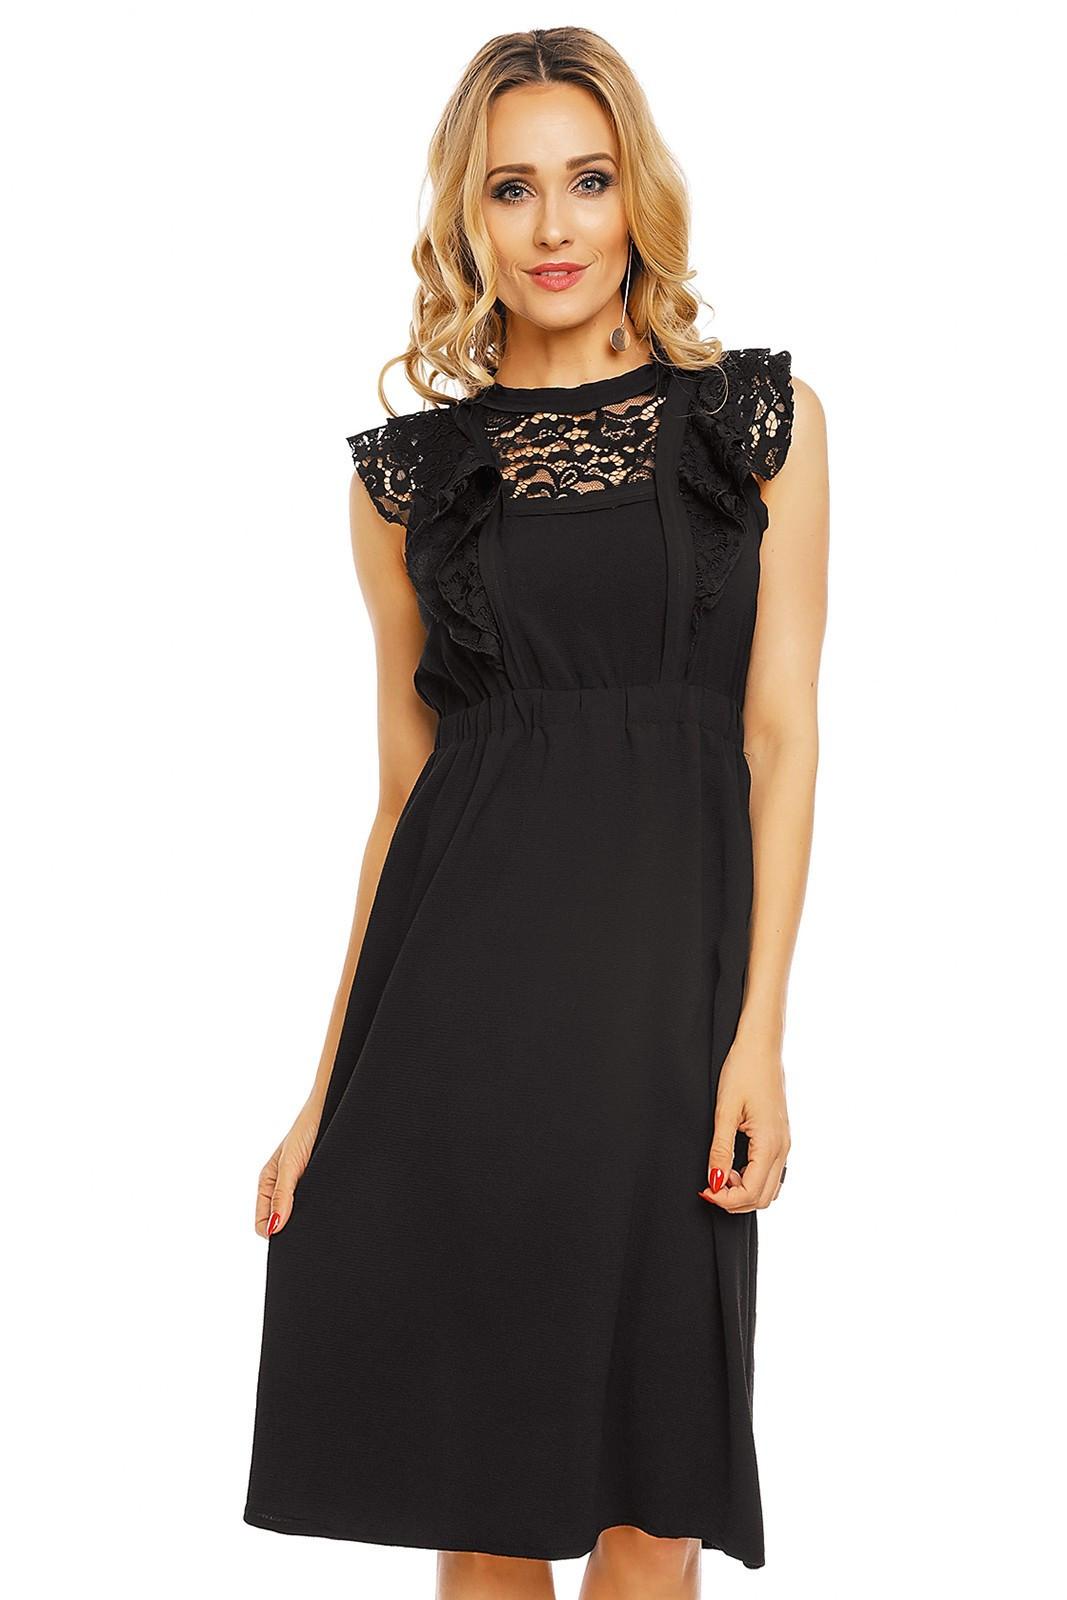 Dámské šaty středně dlouhé s krajkovým rukávem černá M/L